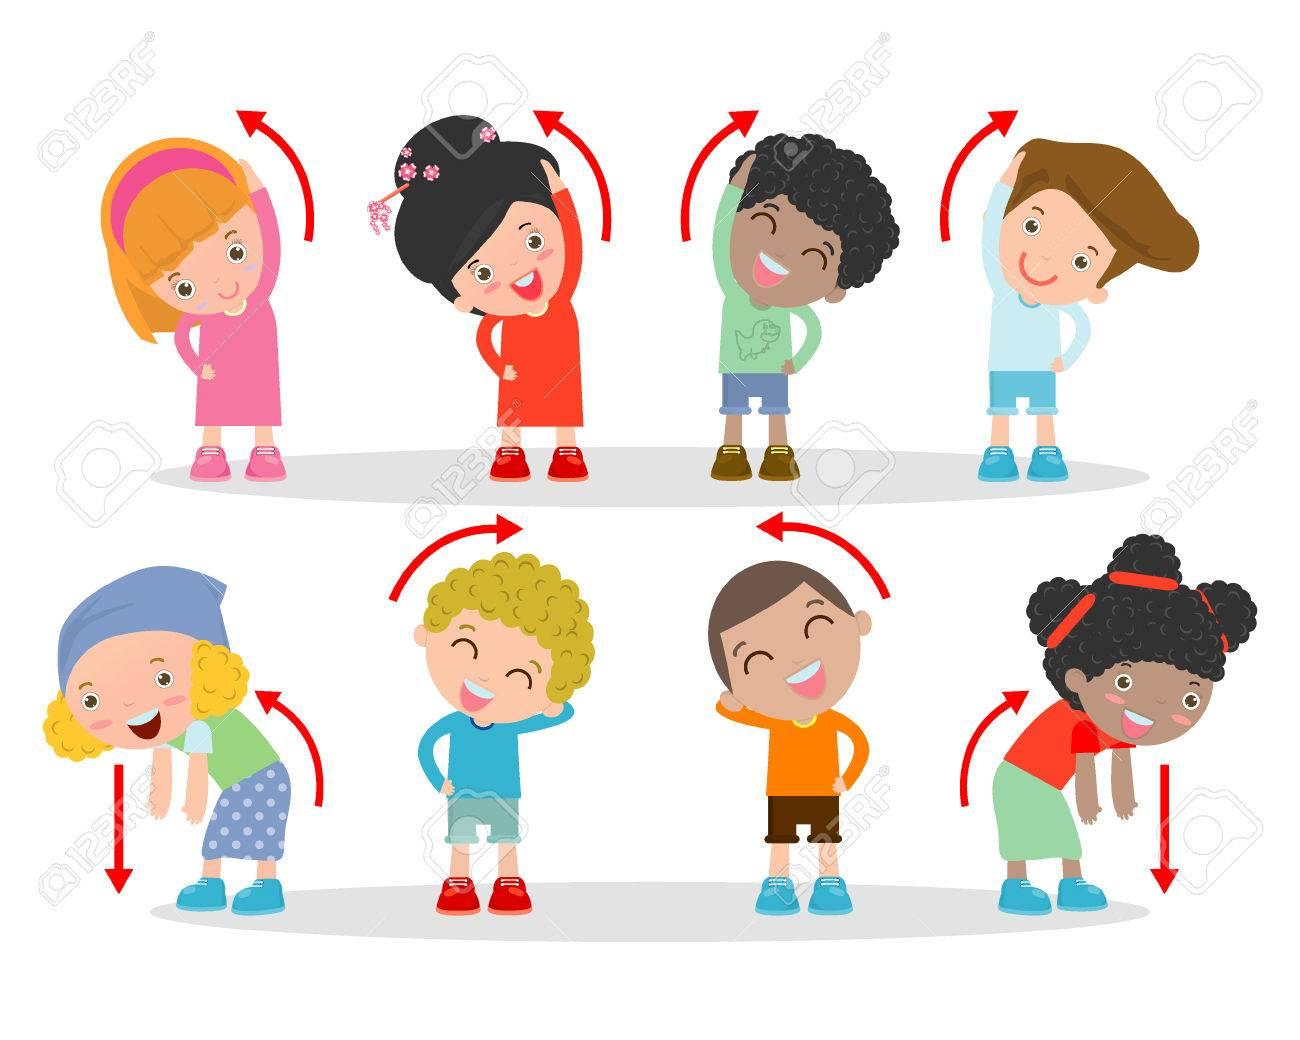 Illustration of Kids Exercising, Kids exercising ,child exercising , happy Kids Exercising - 52521129